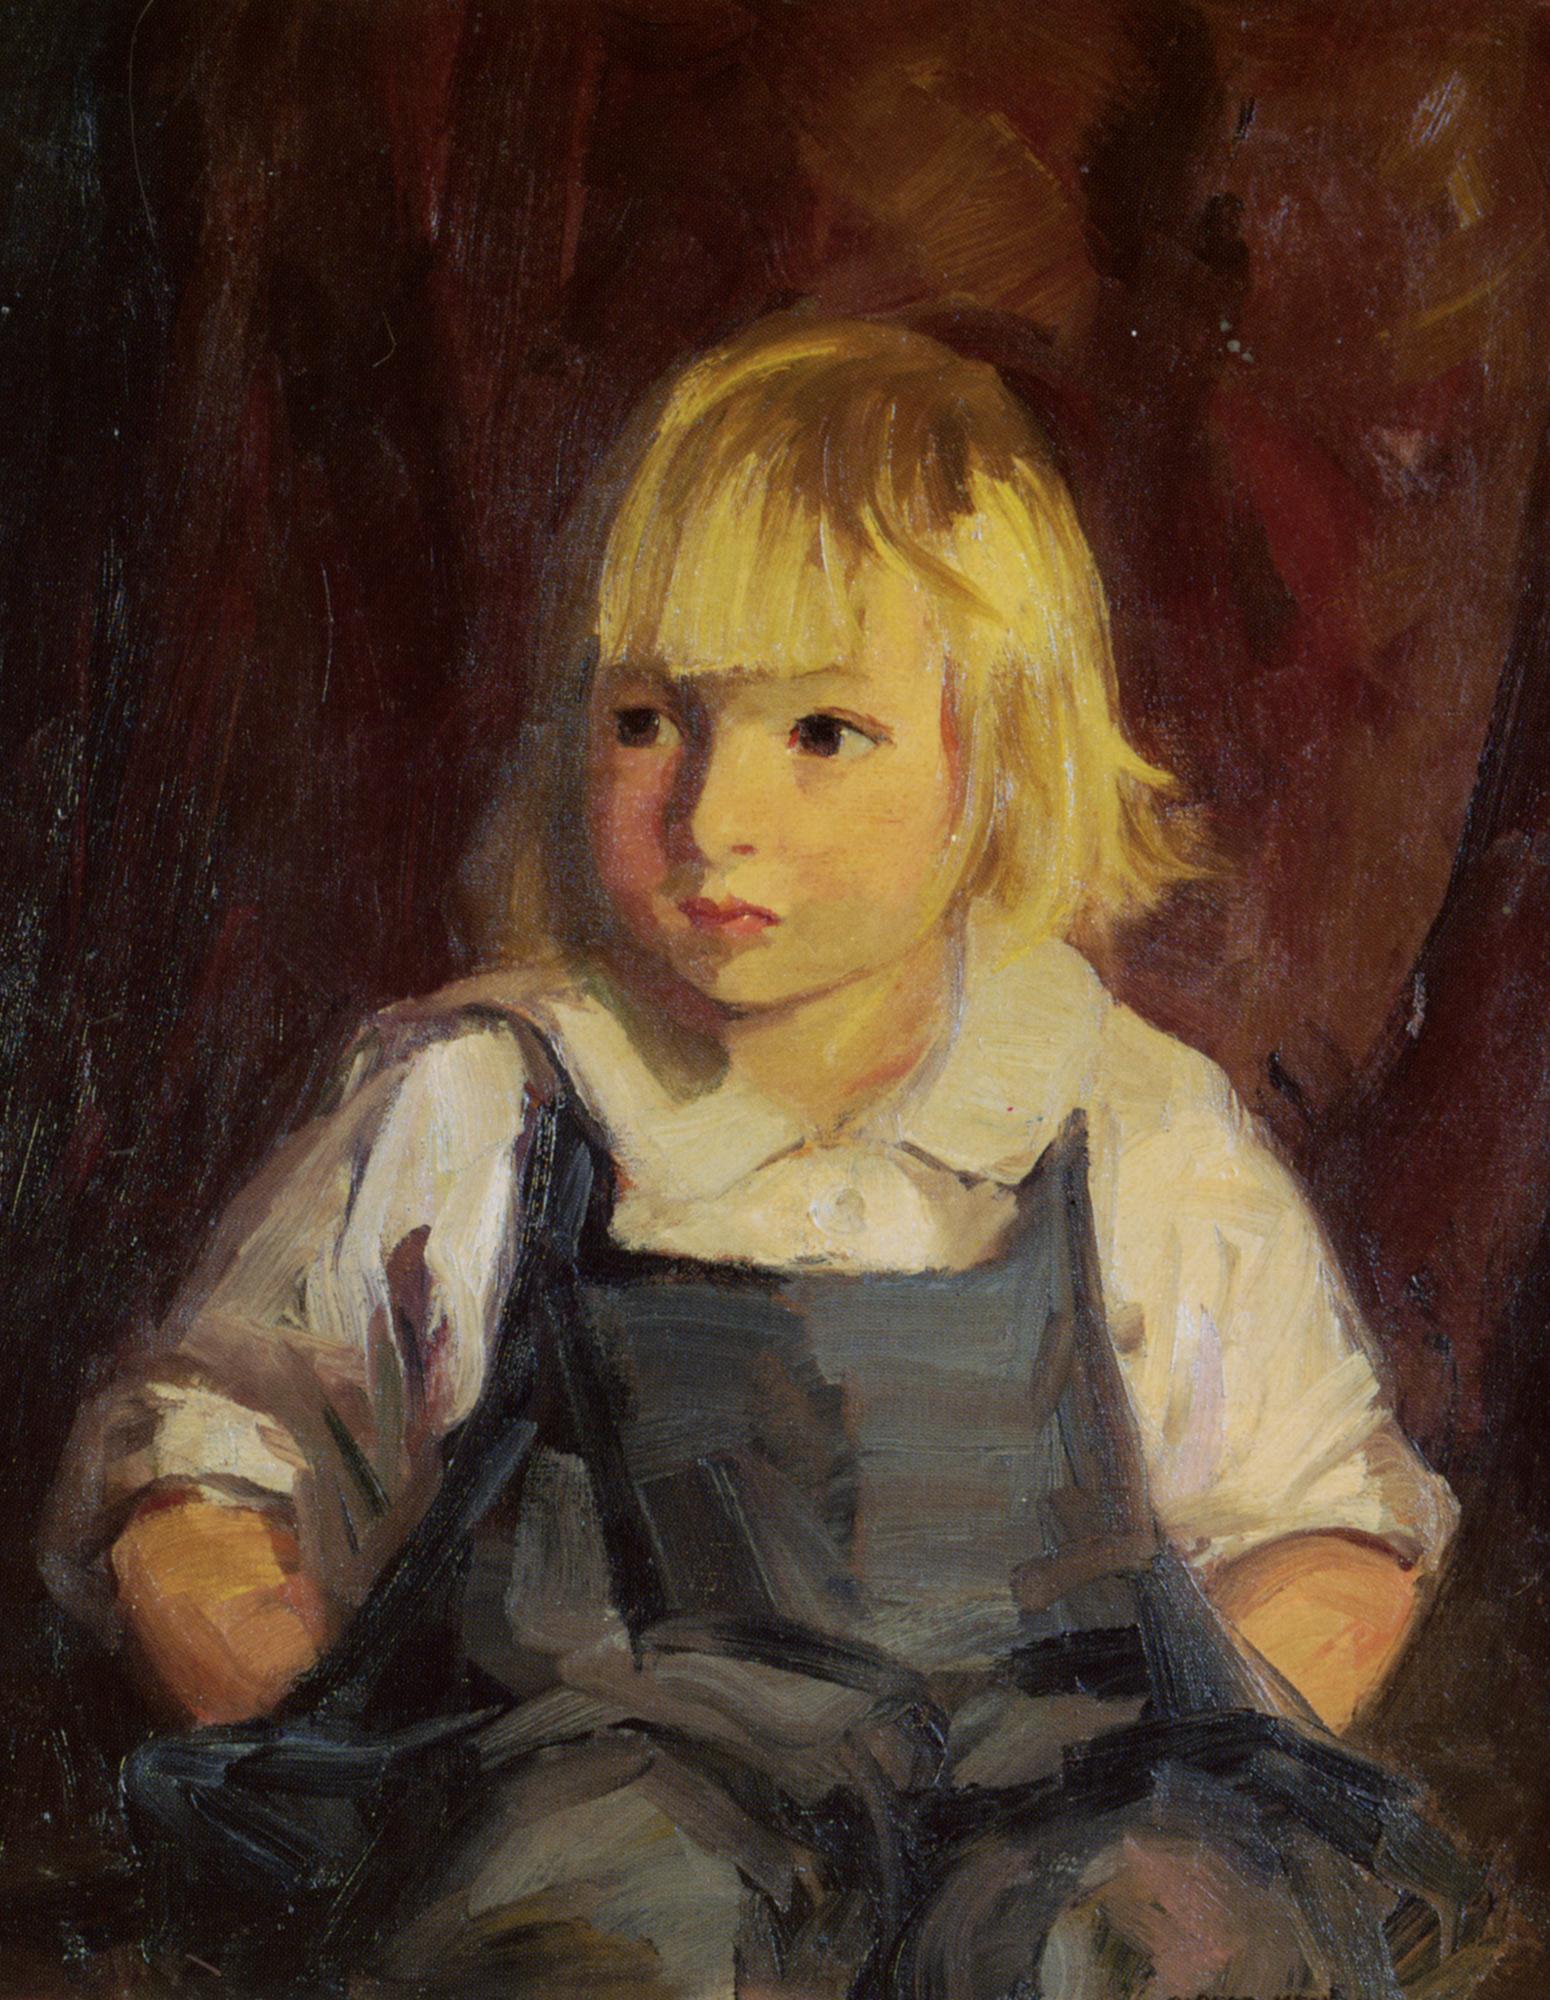 Boy In Blue Overalls :: Robert Henri  - Portraits of young boys ôîòî